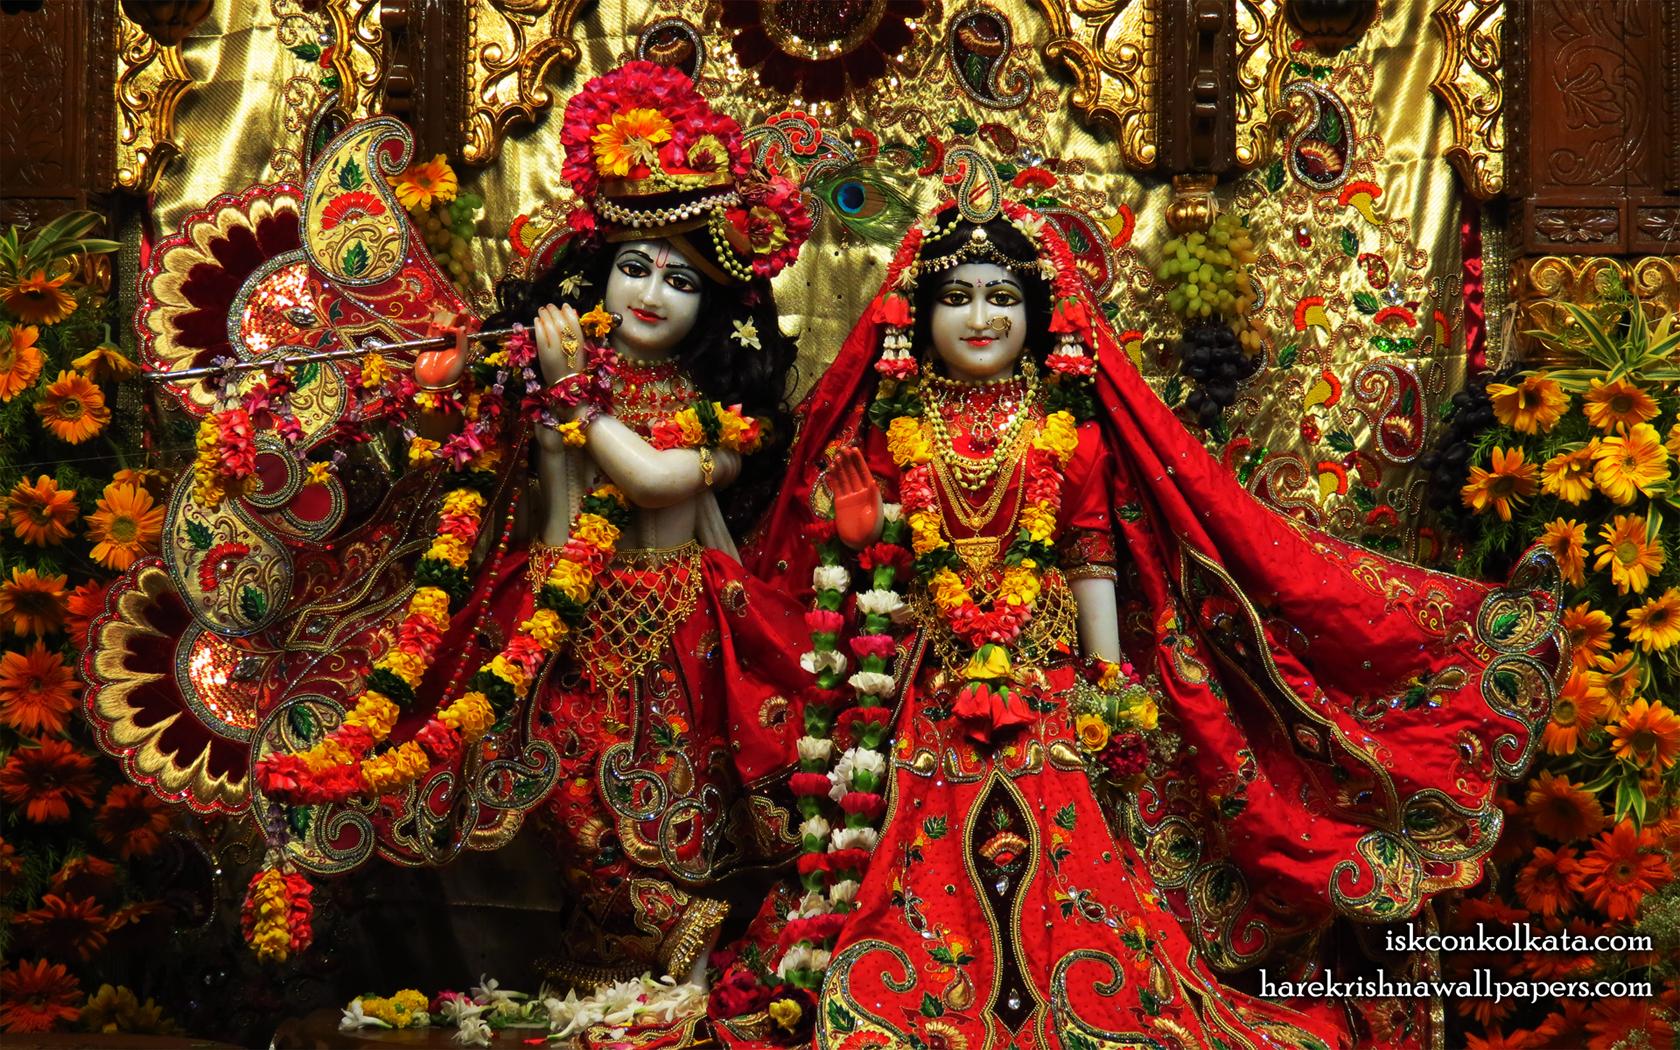 Sri Sri Radha Govinda Wallpaper (003) Size 1680x1050 Download